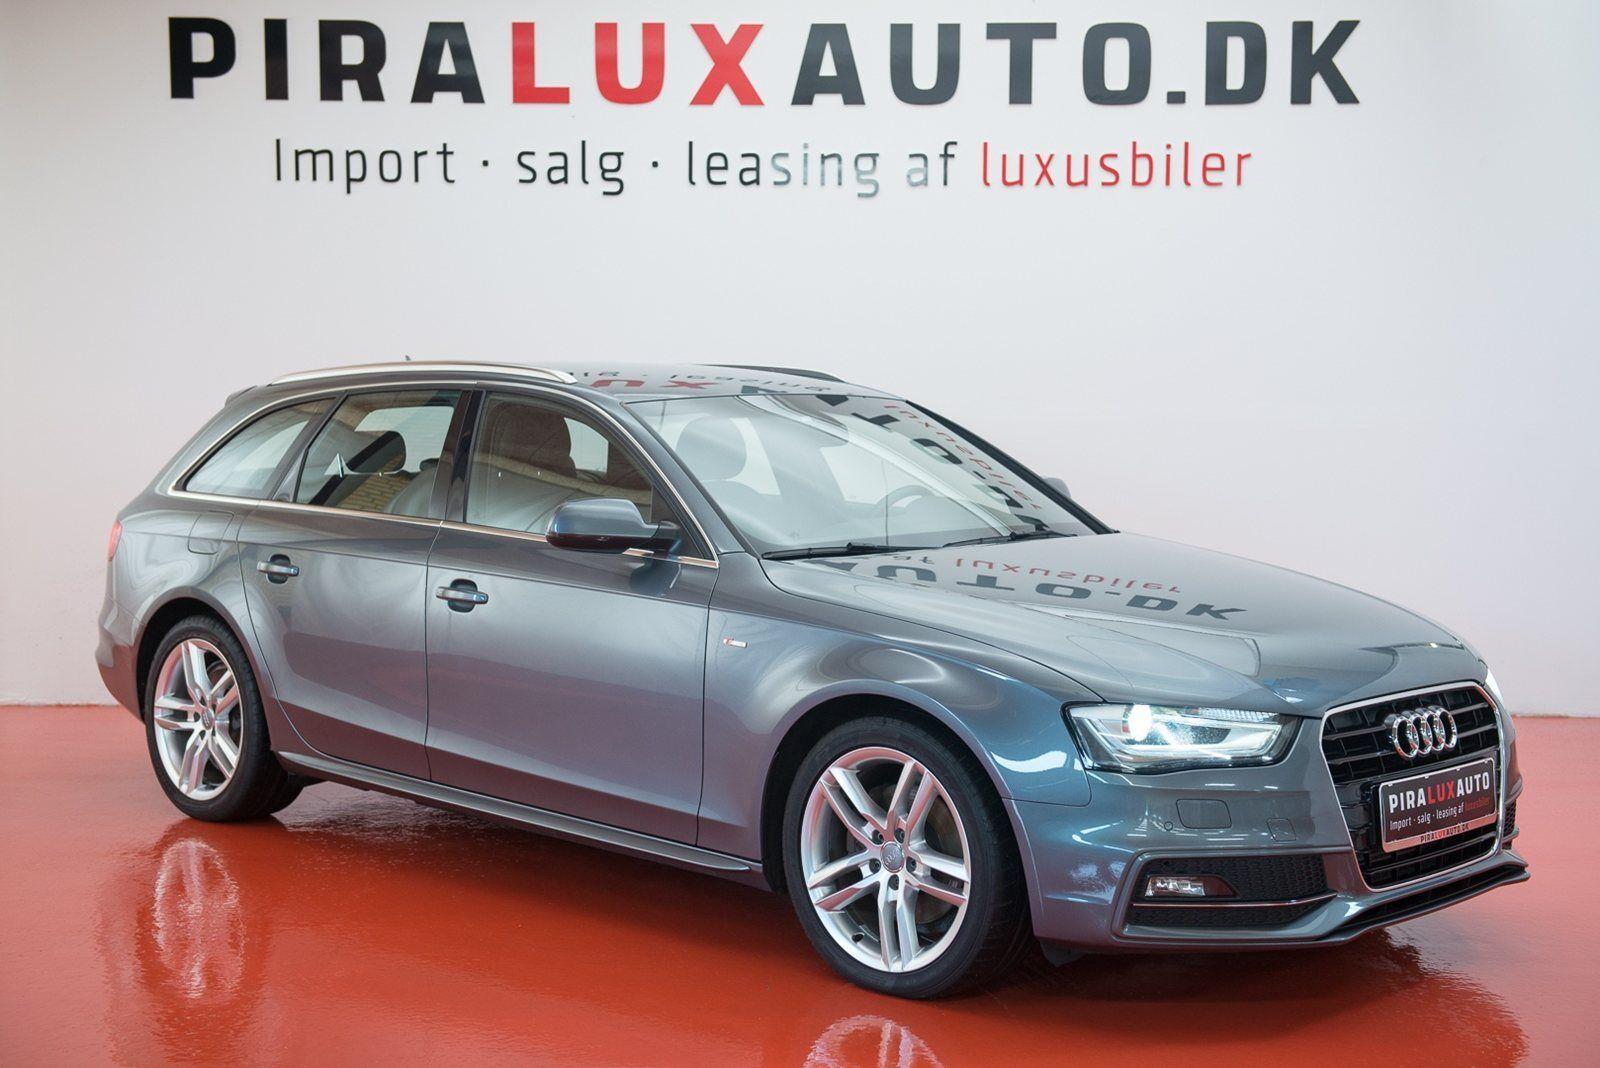 Audi A4 2,0 TDi 177 S-line Avant Multitr. 5d - 279.900 kr.